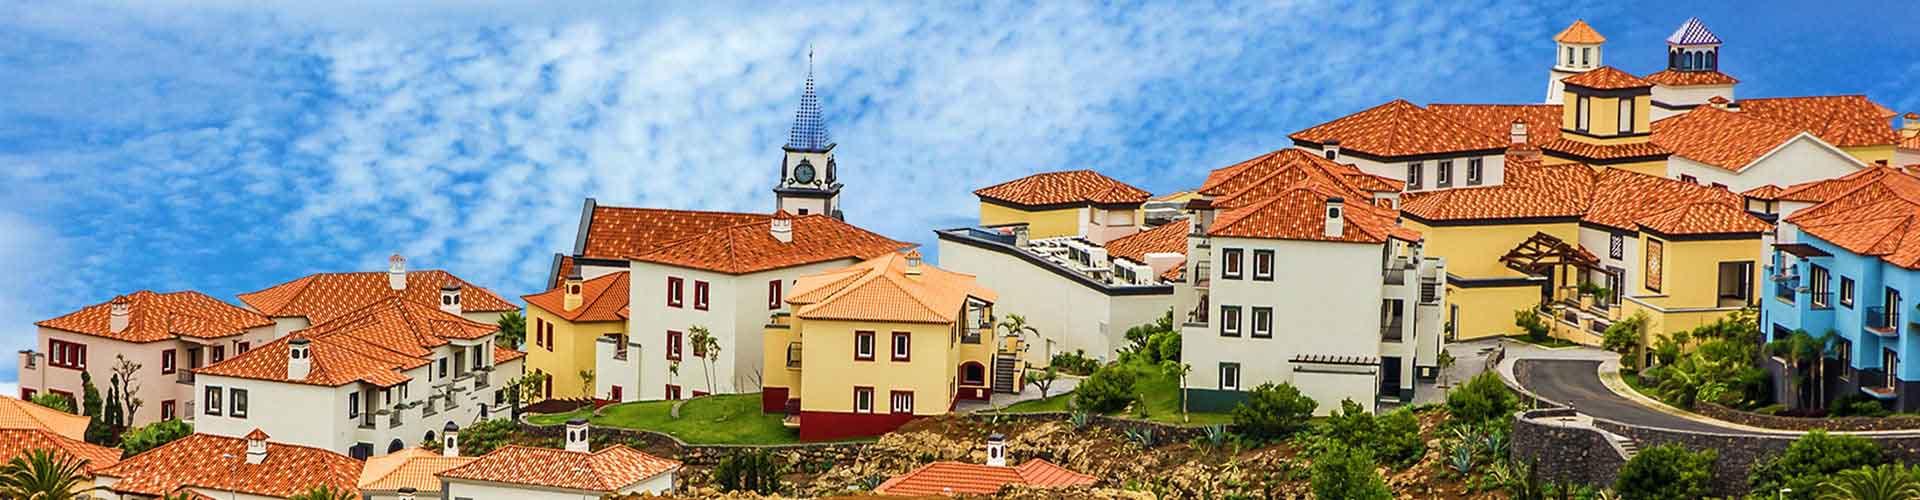 Isla de Madeira - Hoteles baratos en Isla de Madeira. Mapas de Isla de Madeira, Fotos y comentarios de cada Hotel en Isla de Madeira.